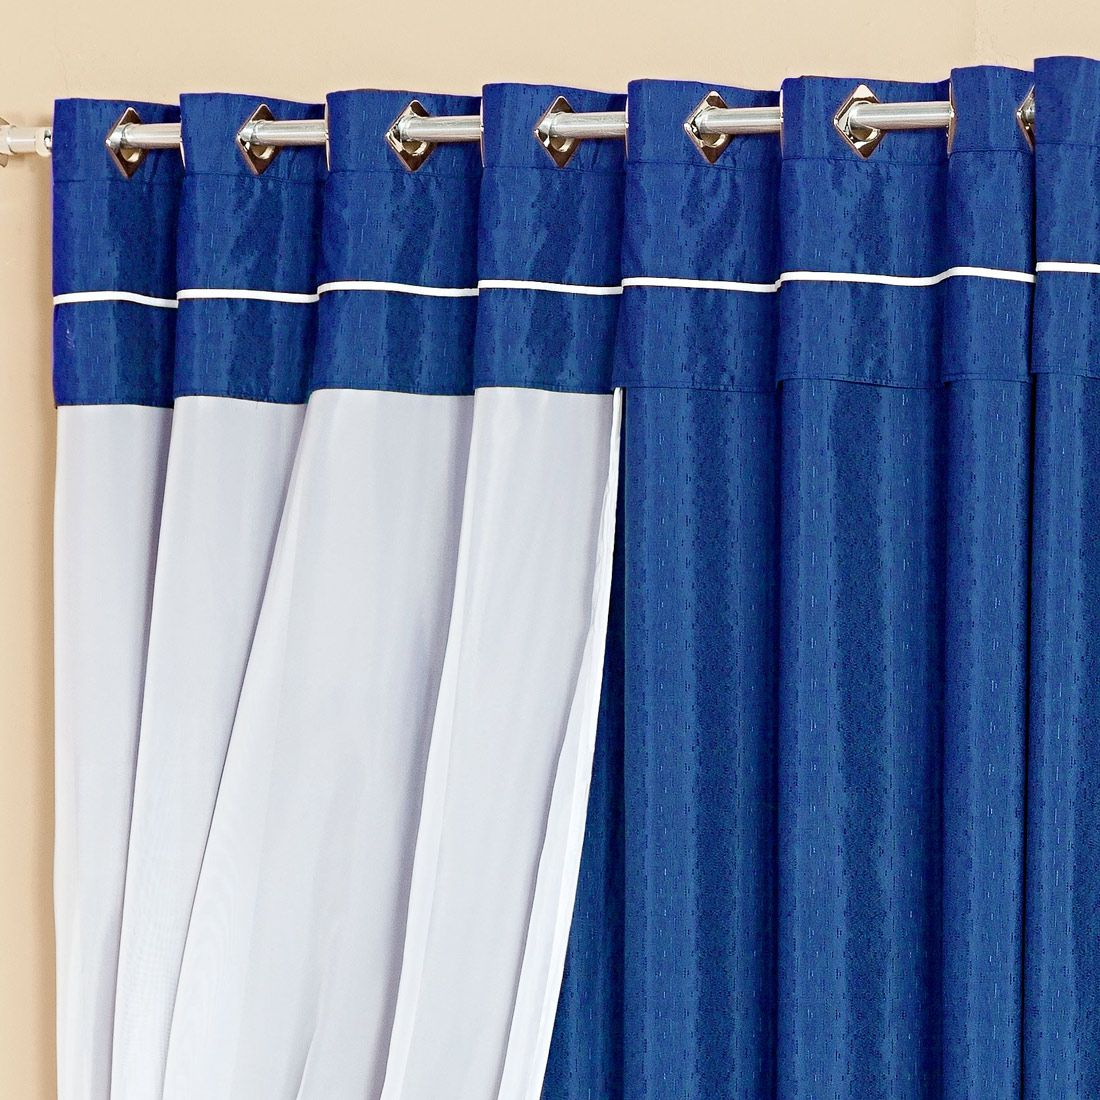 Cortina Lívia Azul c/ Voil 3,00m x 2,50m p/ Varão Simples